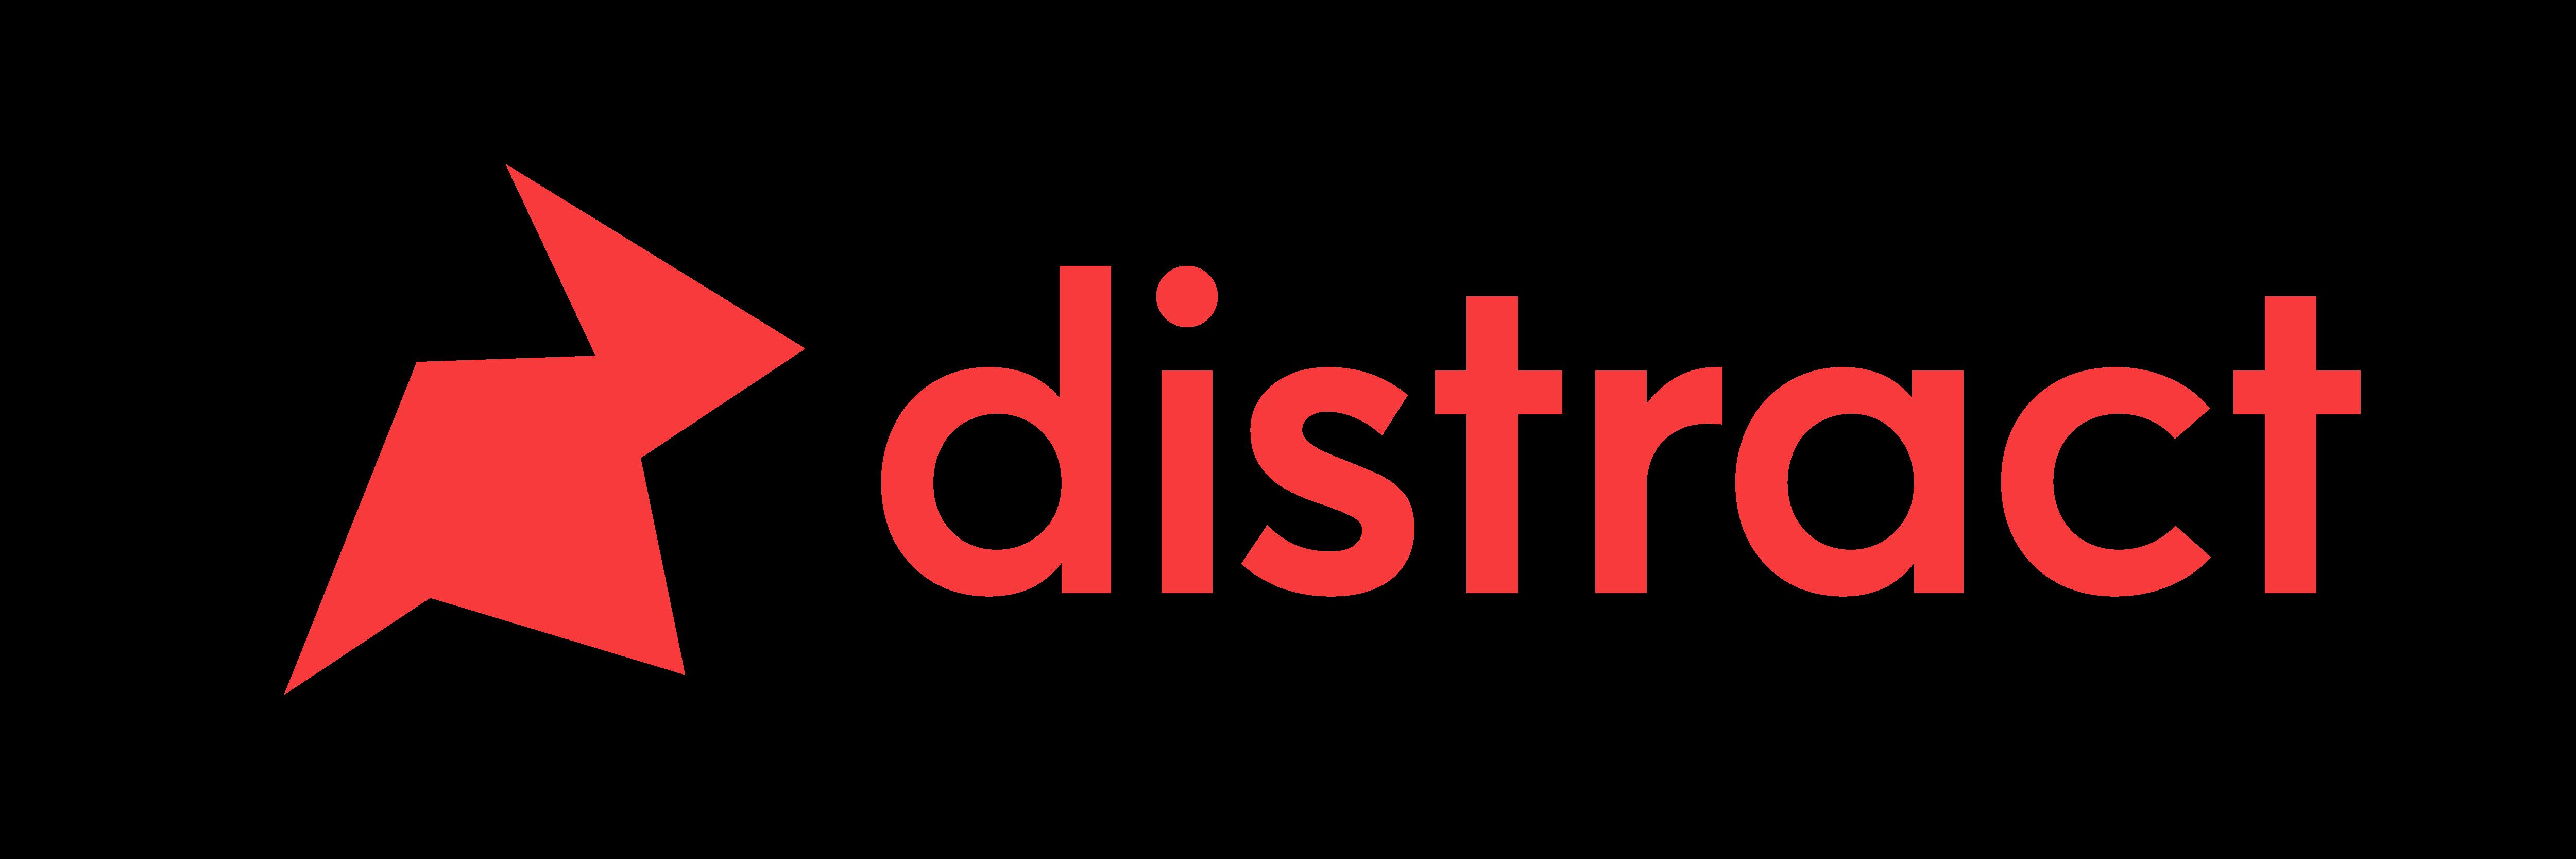 Distract